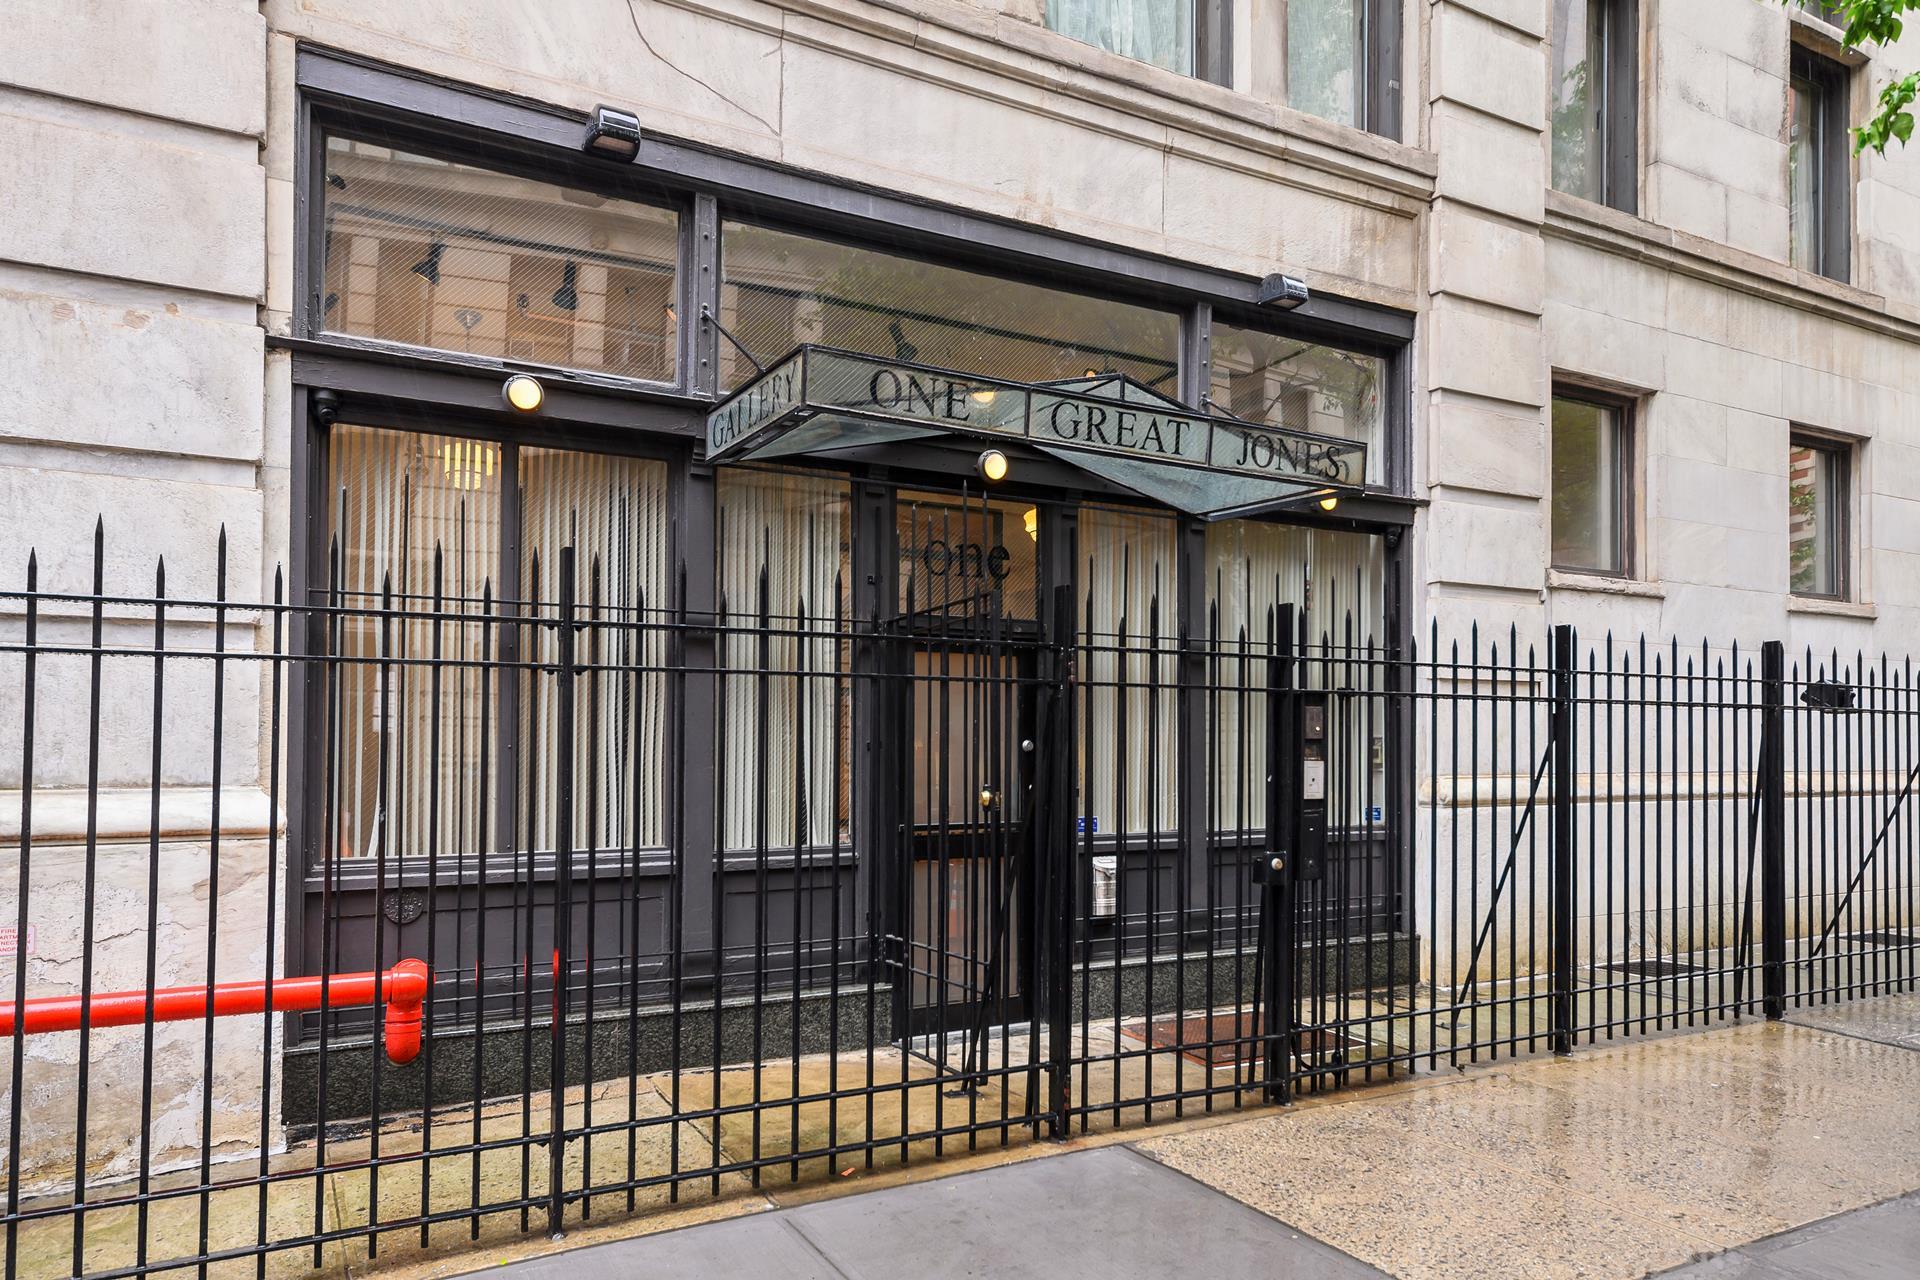 1 Great Jones, 1 Great Jones Street, GRND - NoHo, New York